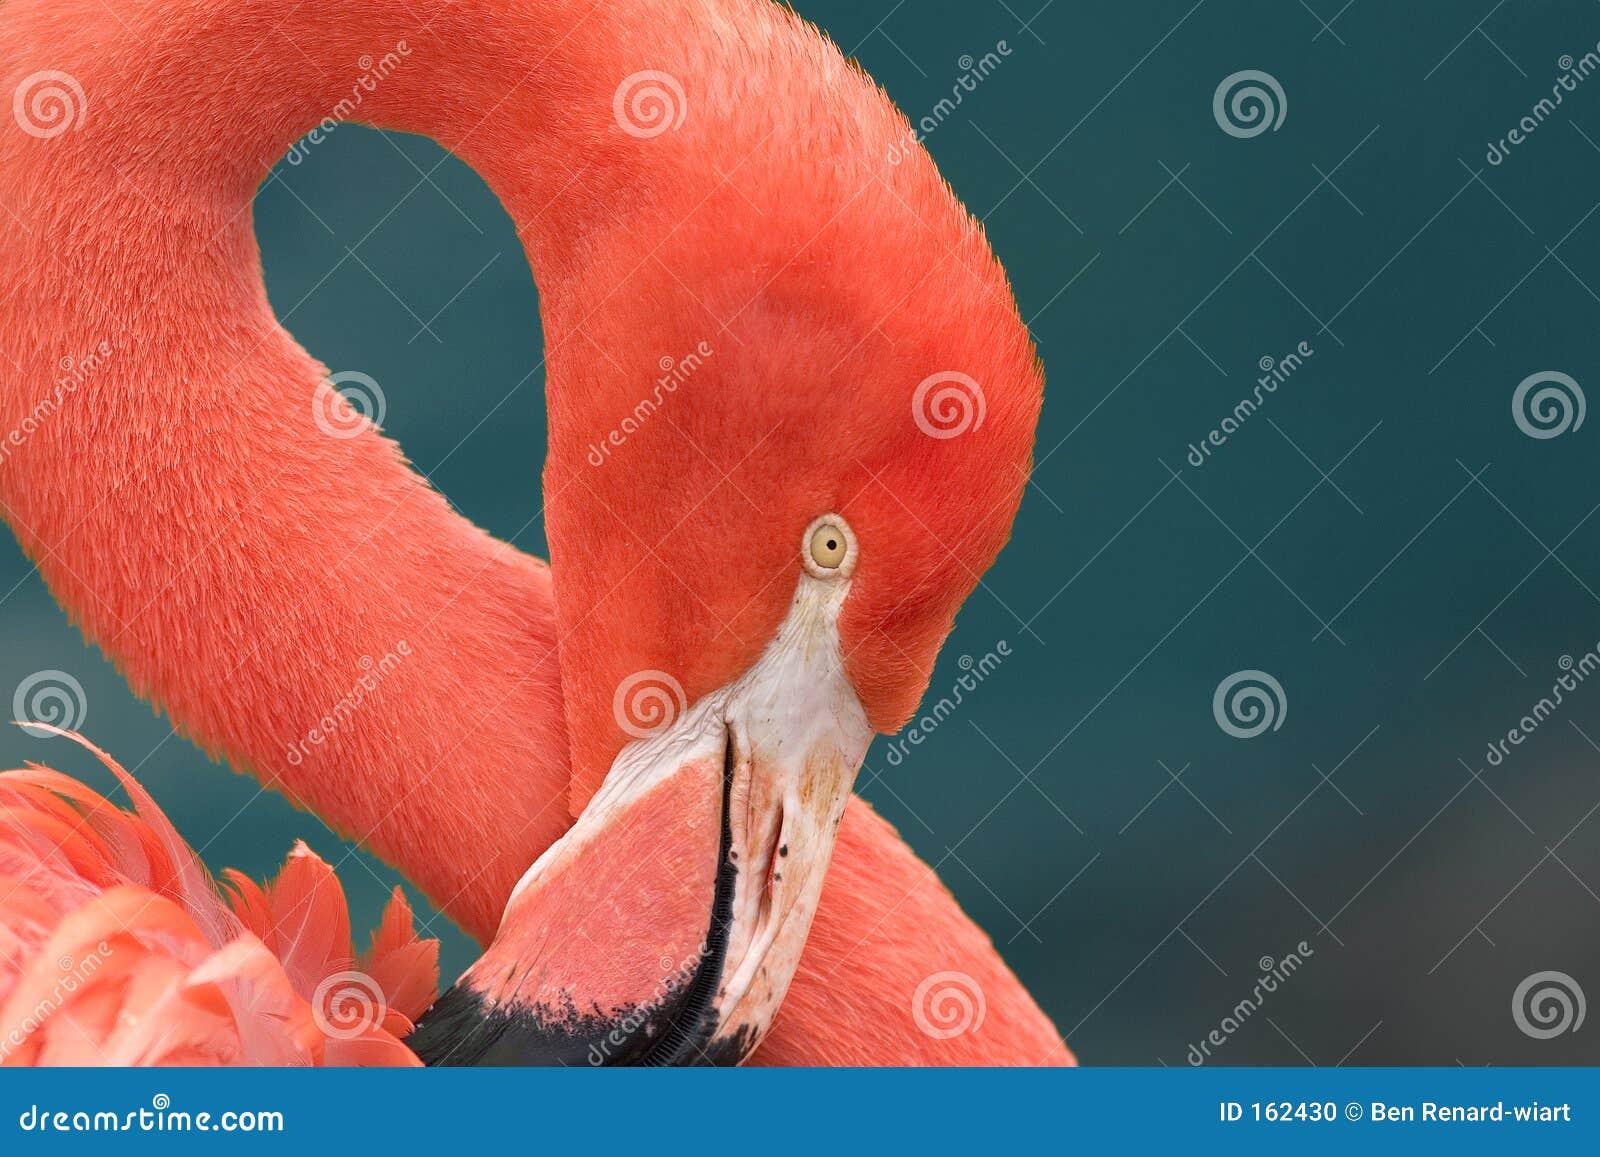 στενό ροζ φλαμίγκο επάνω